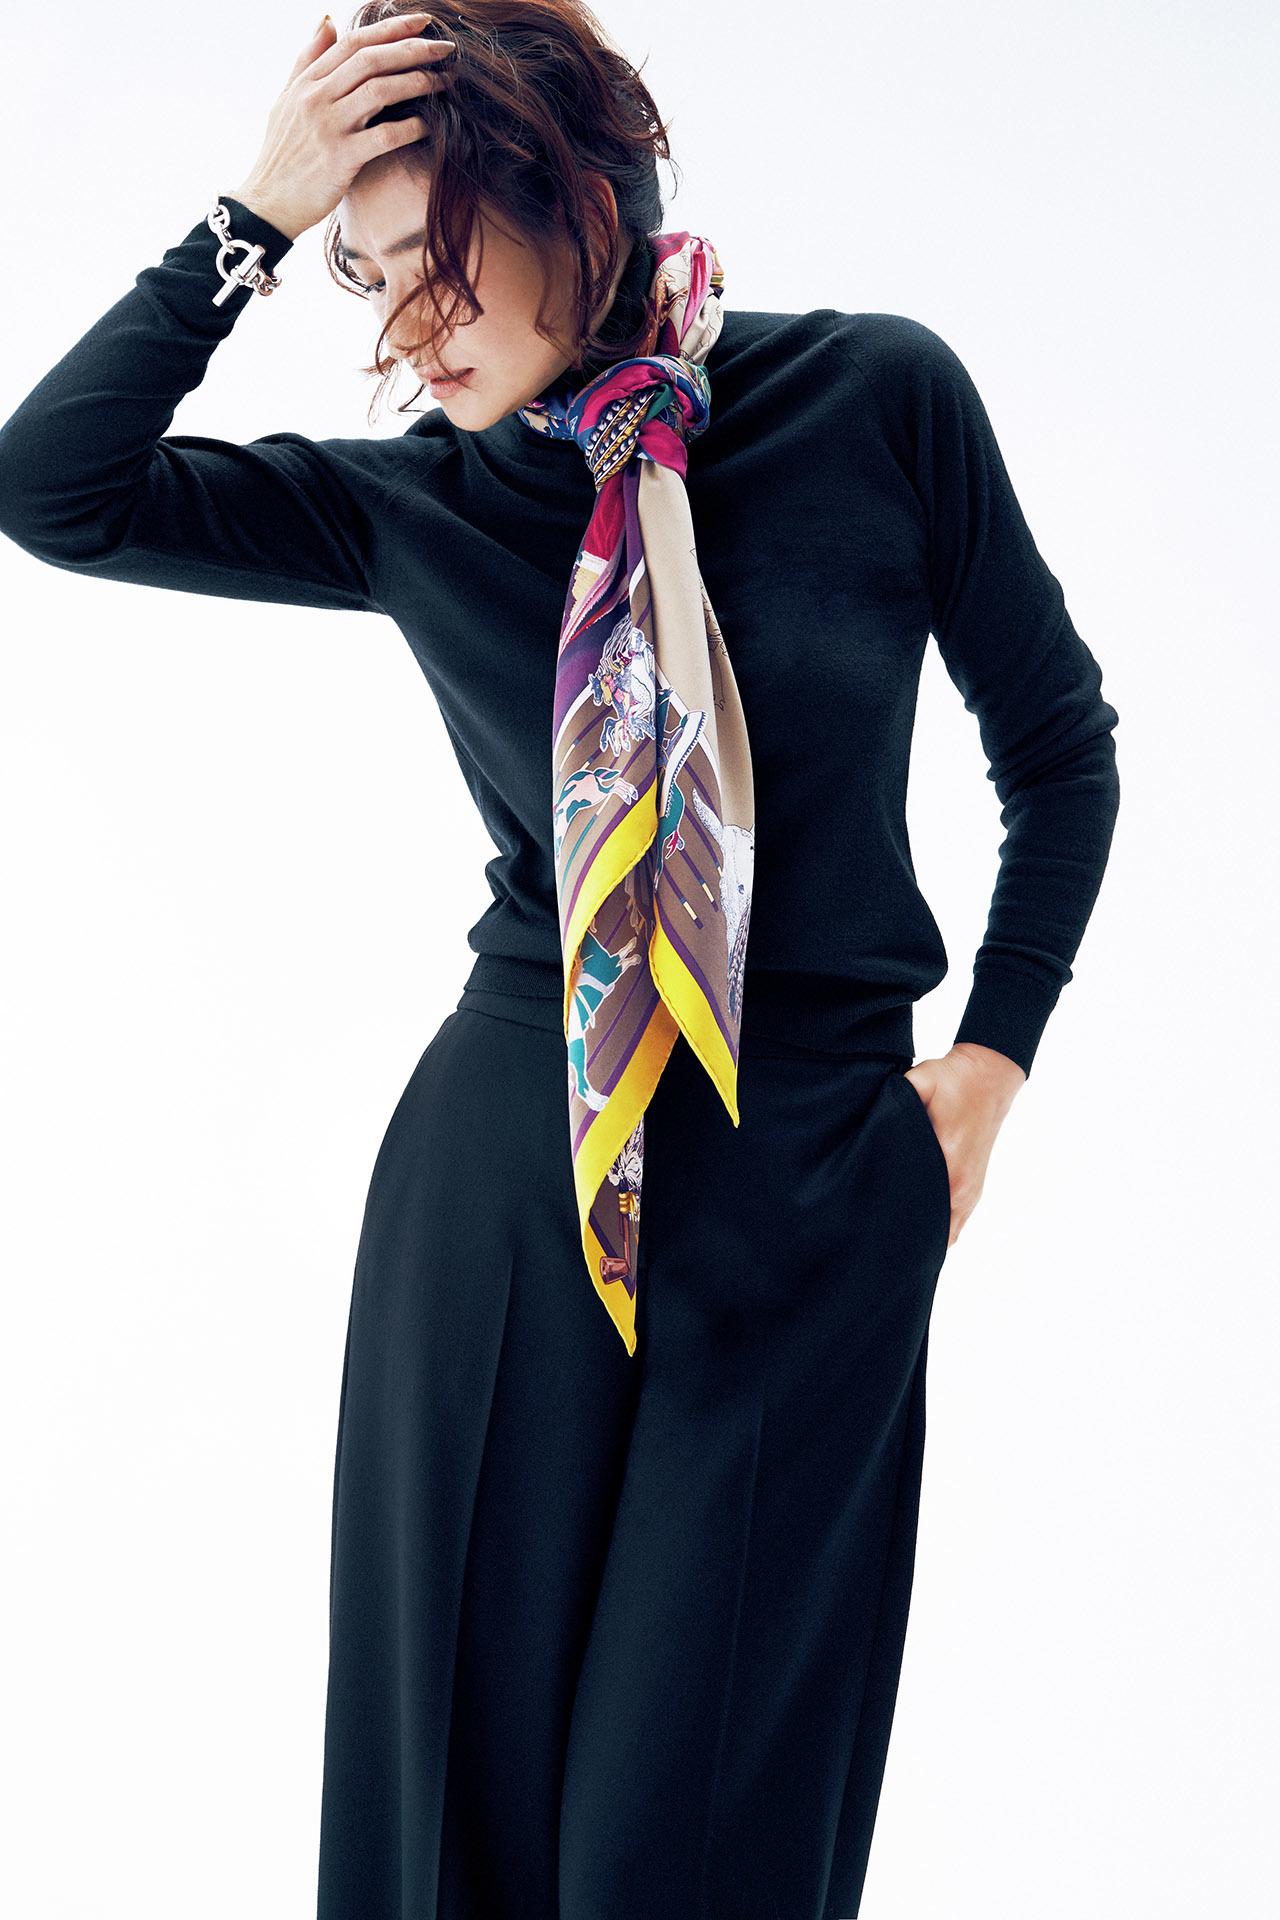 亜希、エルメスのスカーフをまとう 五選_1_1-4